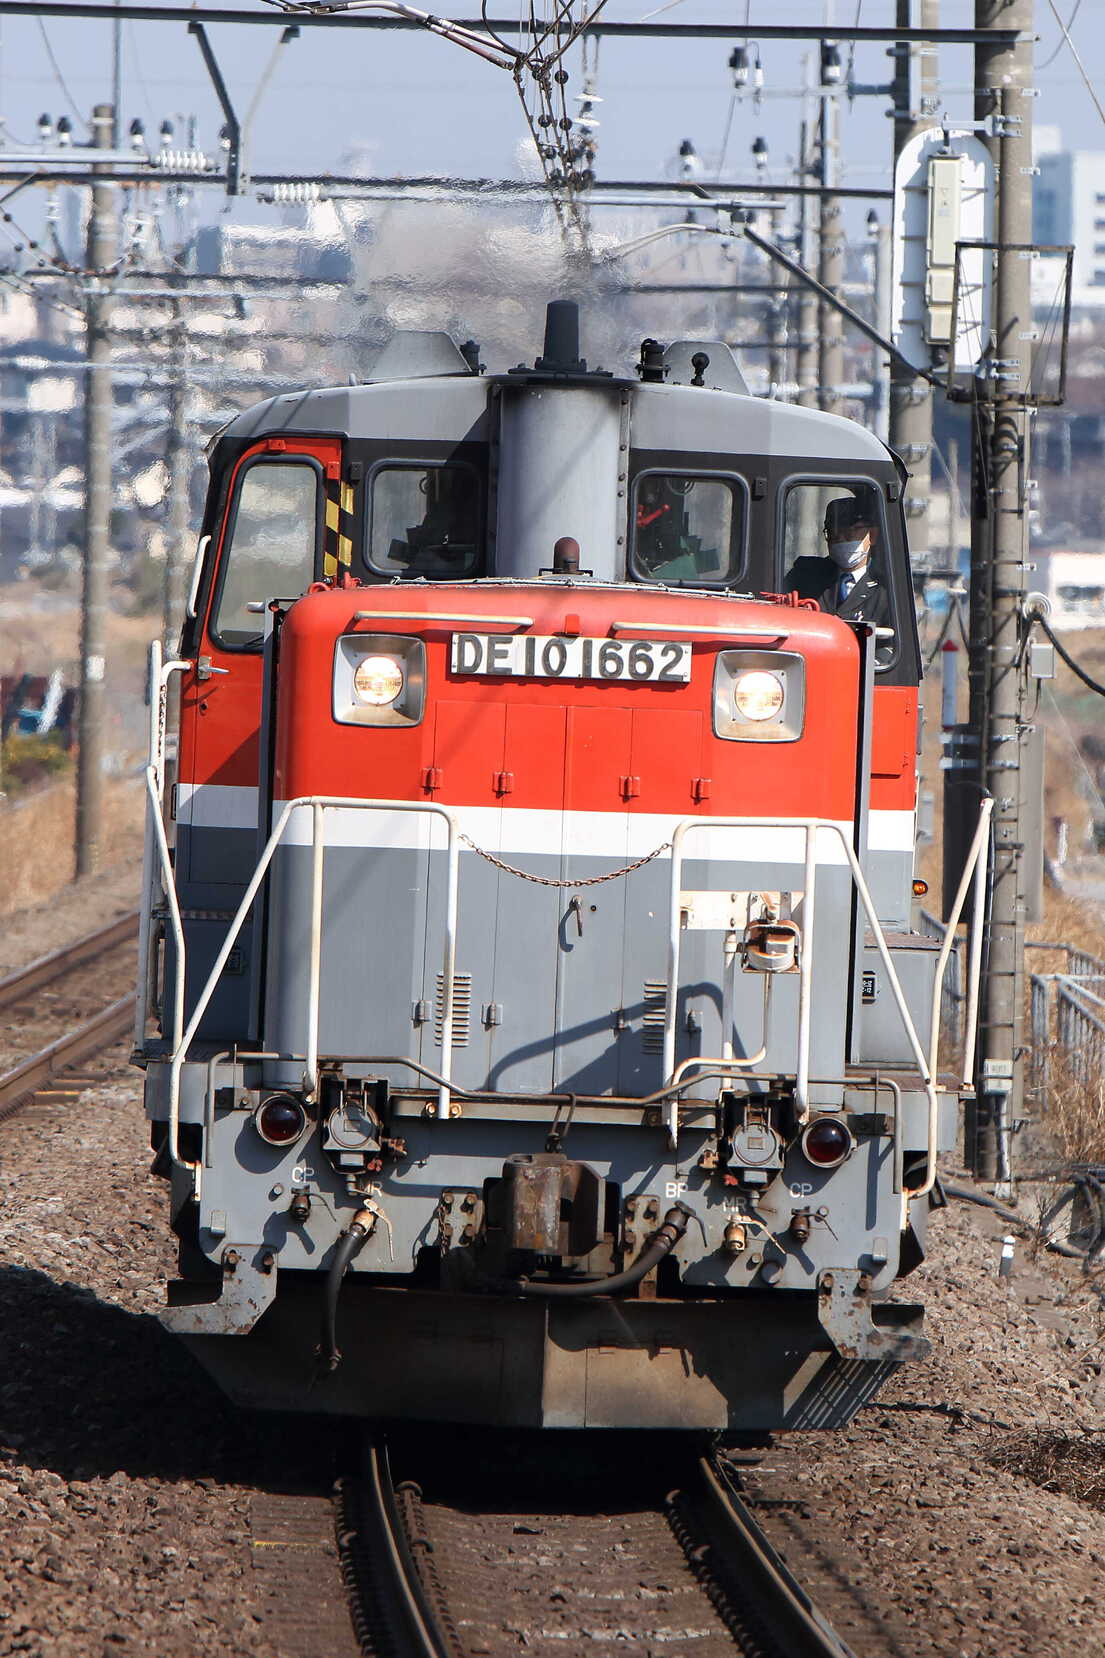 単9477列車 甲種輸送牽引機送り込み DE10-1662[新]